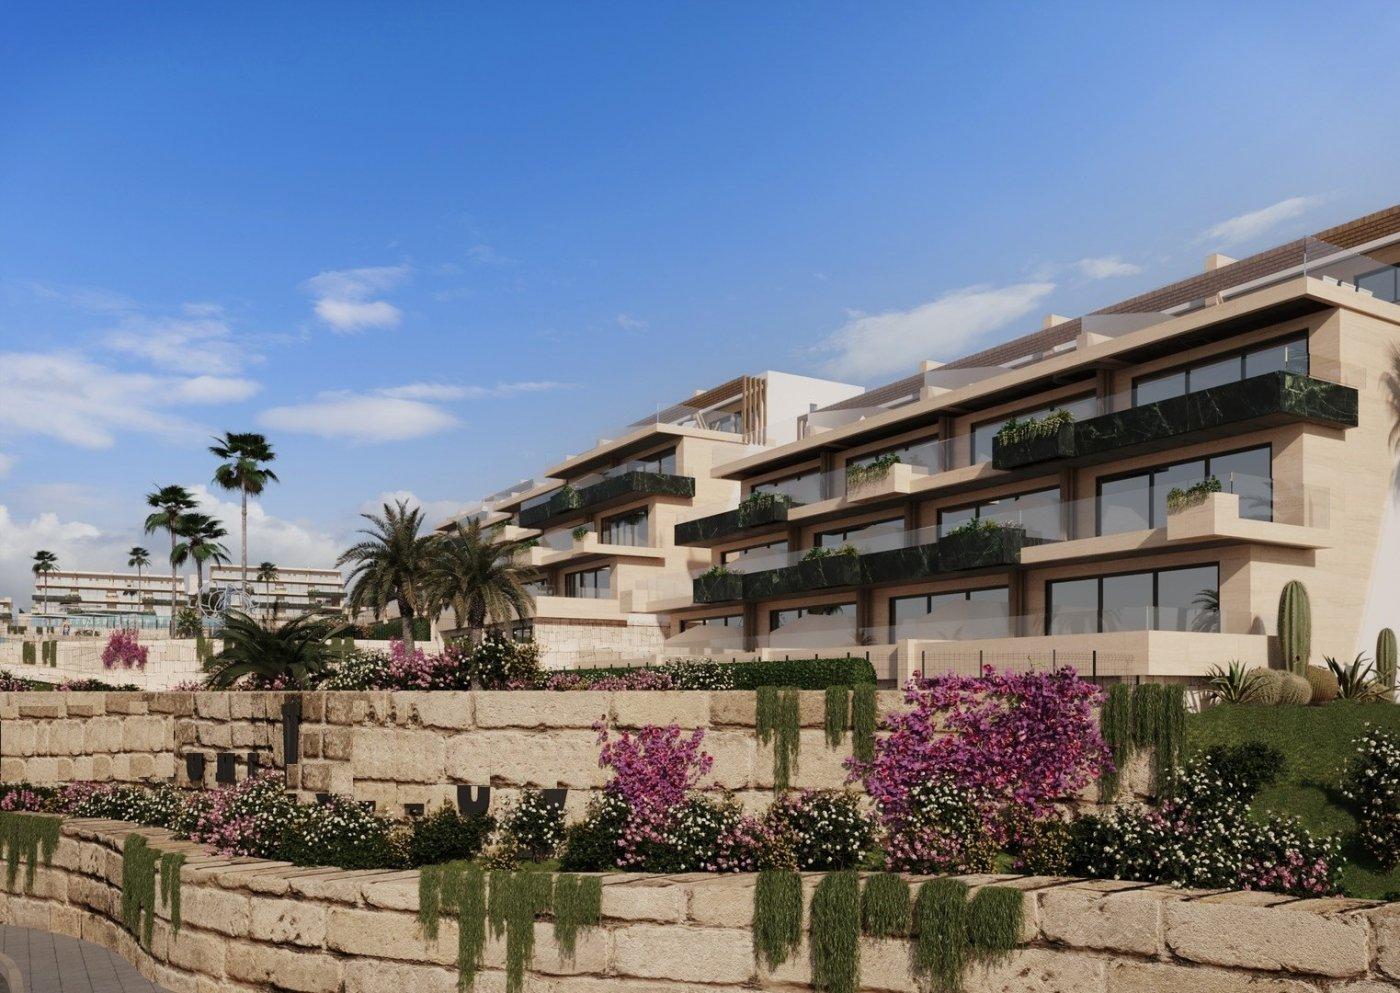 Nuevo complejo residencial en finestrat con vistas al mar!!! - imagenInmueble3